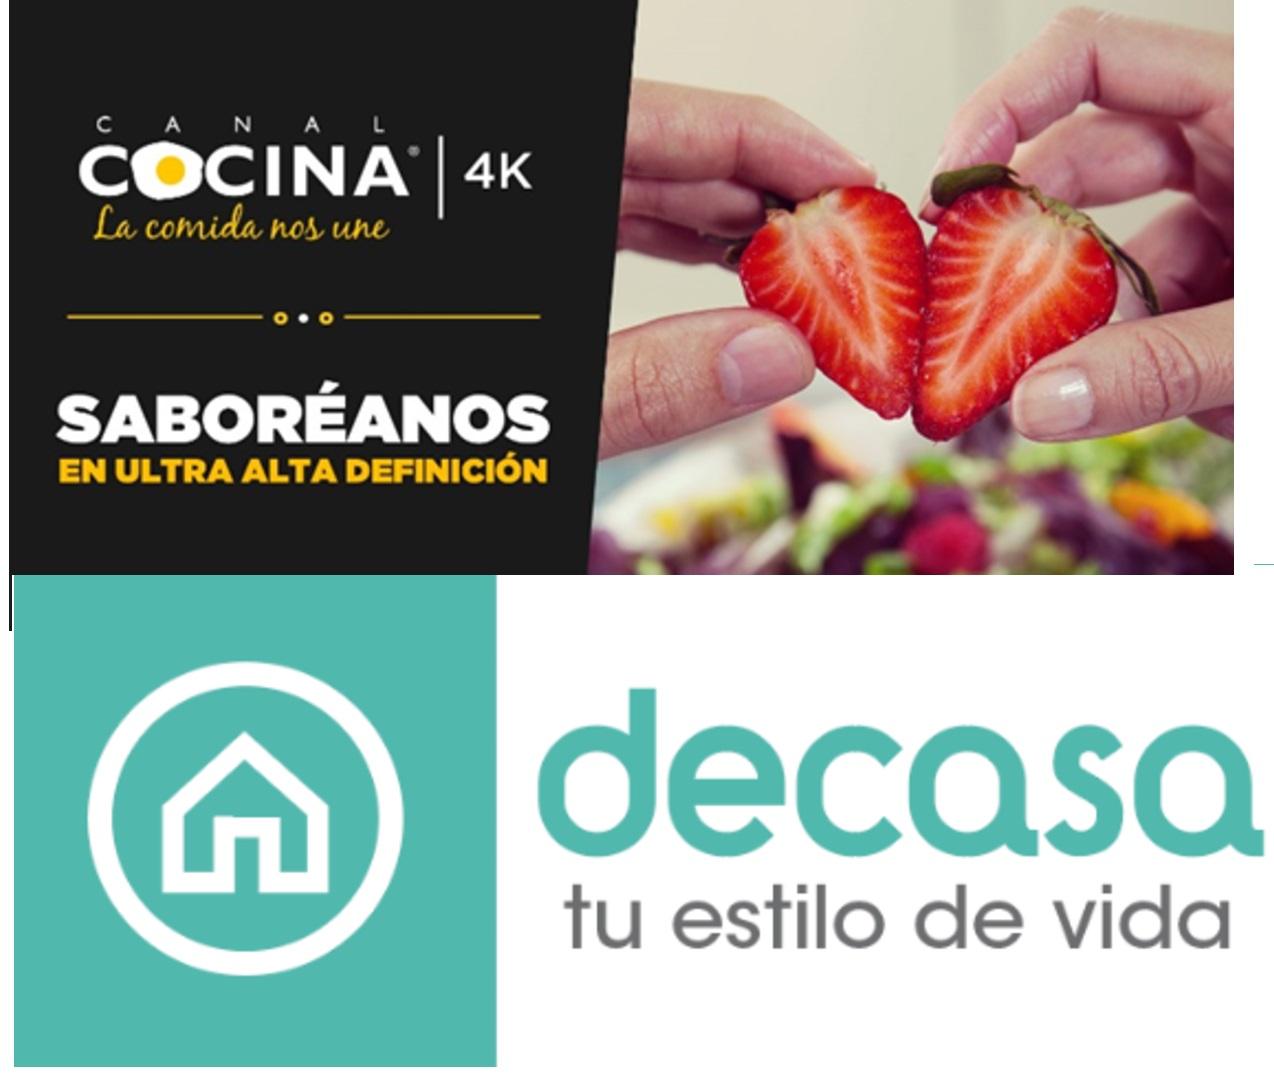 Los canales de televisi n canal cocina 4k y canal decasa for Canal cocina cocina de familia